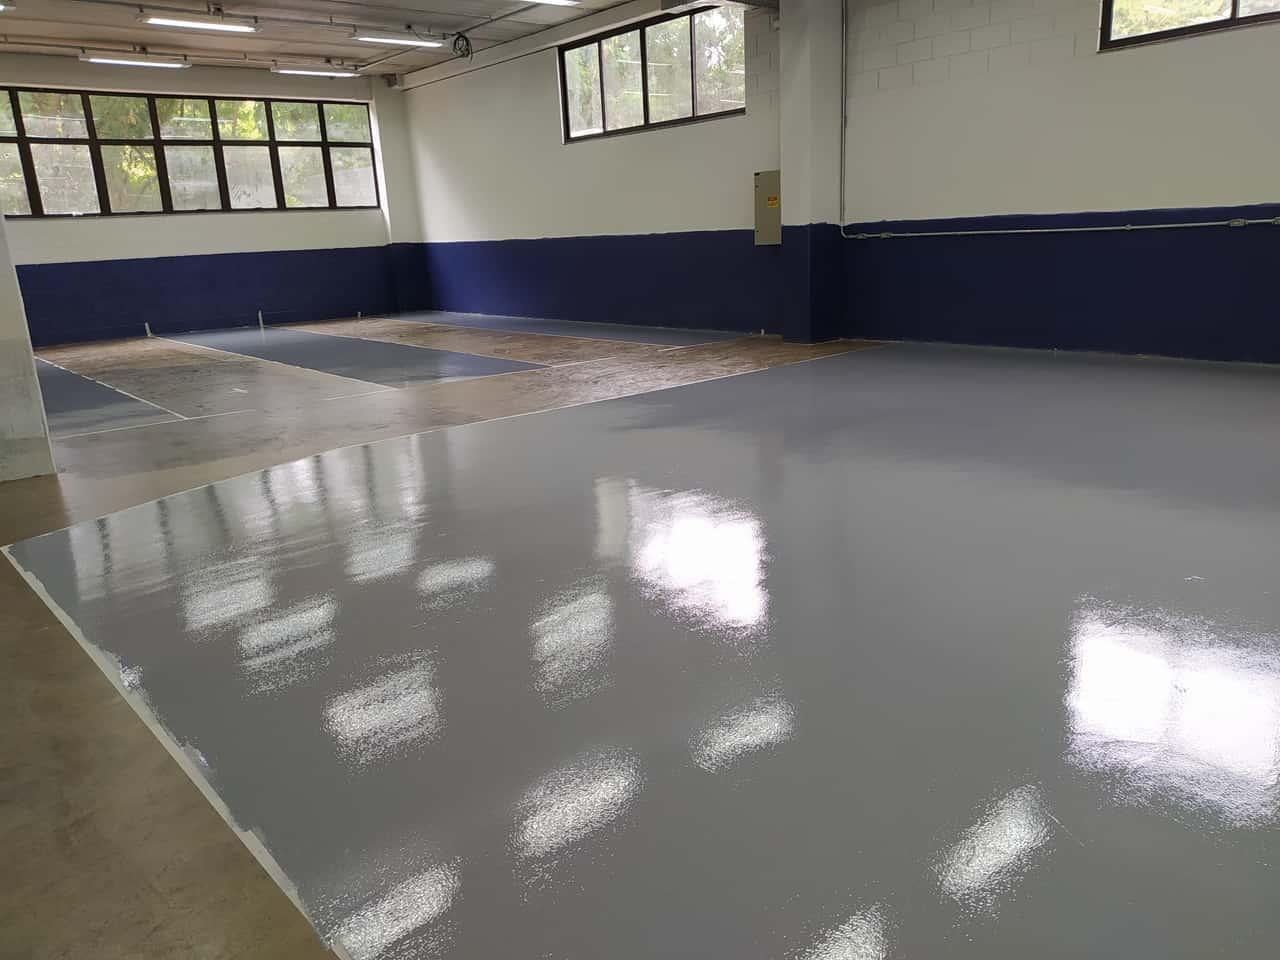 Pintura e demarcação de piso - Foto 2